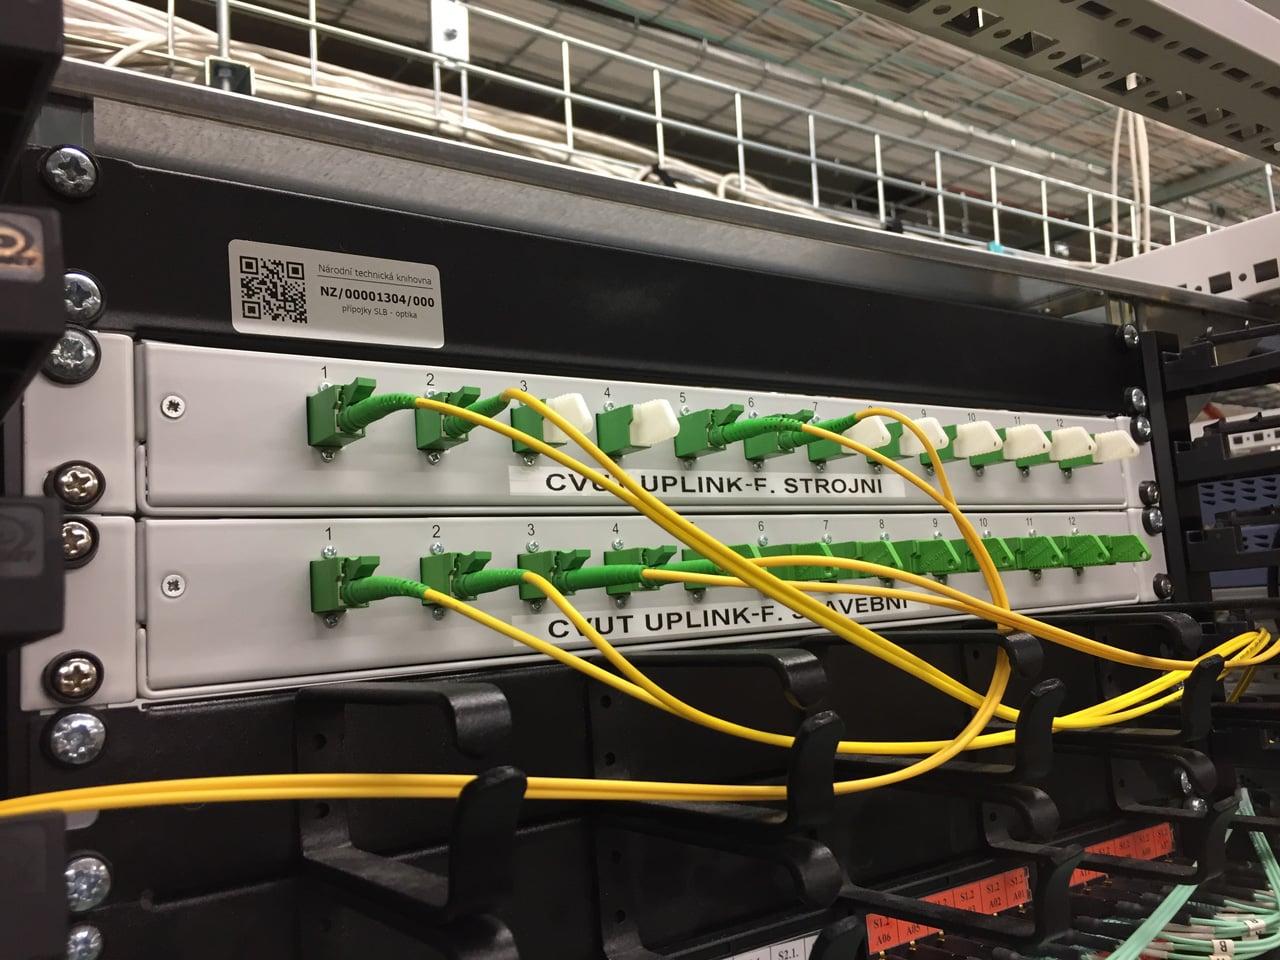 Počítače s Linuxem a serverovna v Národní technické knihovně